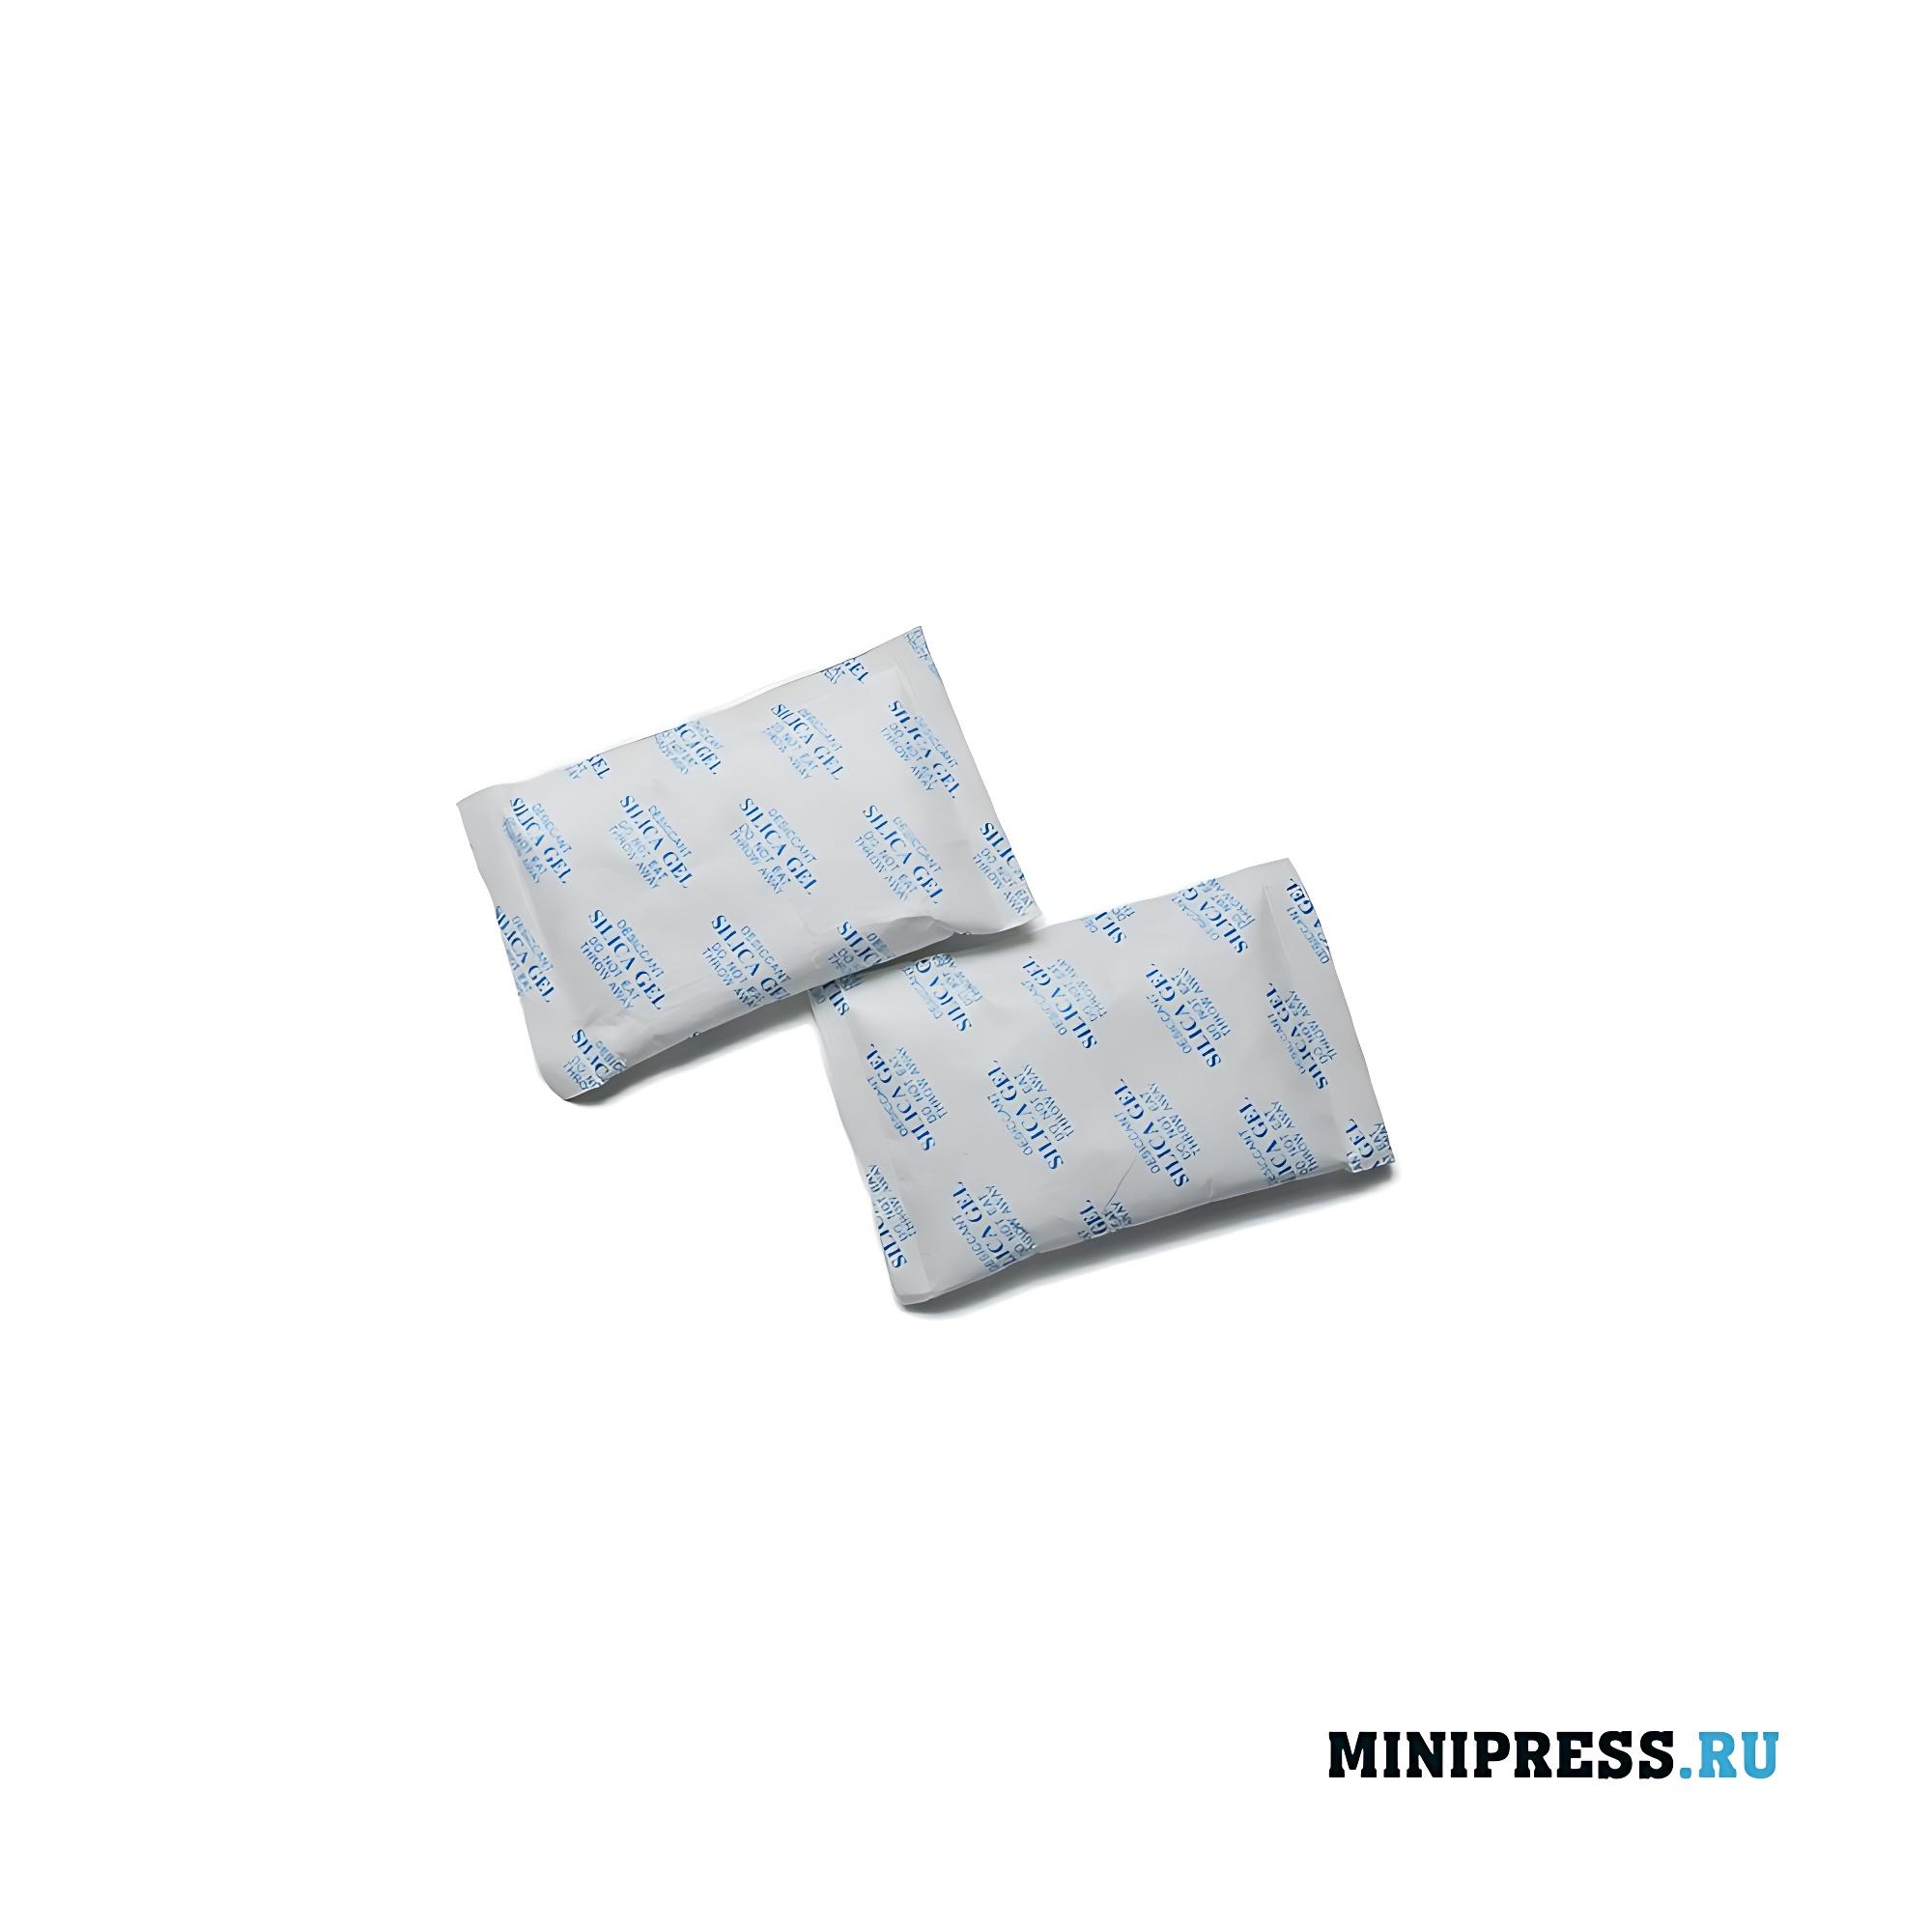 Купить оборудование для фасовки пакетиков-саше с влагопоглотителем в контейнеры с таблетками или капсулами